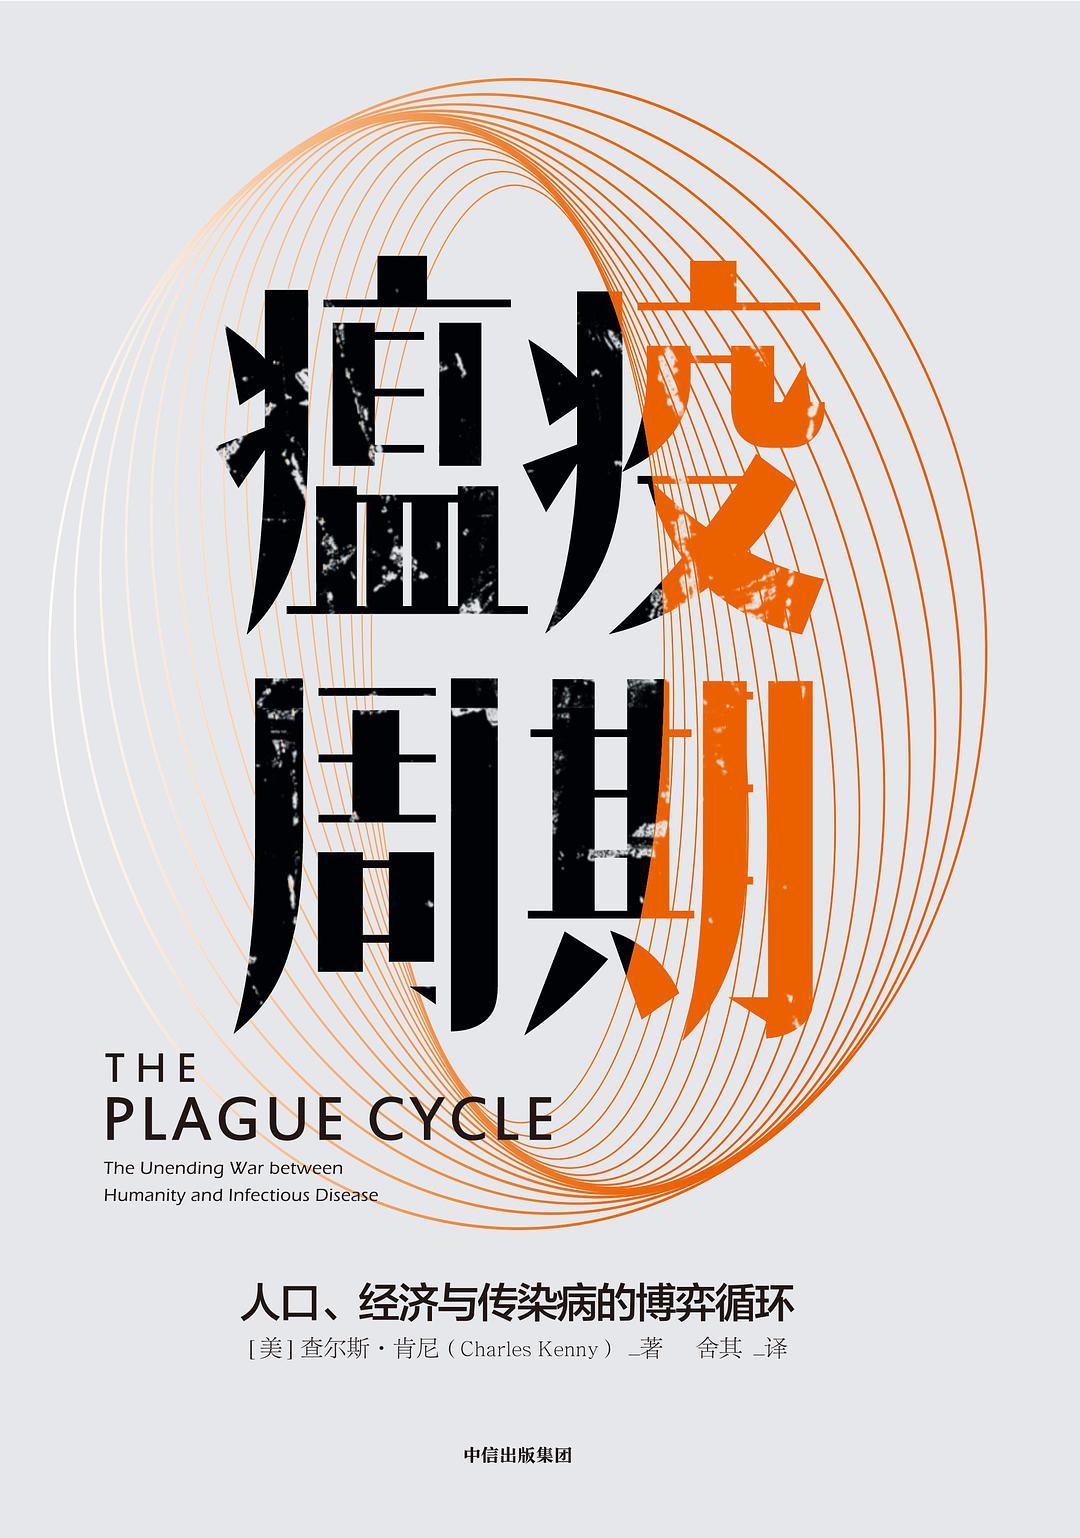 《瘟疫周期:人口、經濟與傳染病的博弈循環》,[美] 查爾斯·肯尼著,舍其譯,中信出版社,2021年6月版,320頁,78.00元